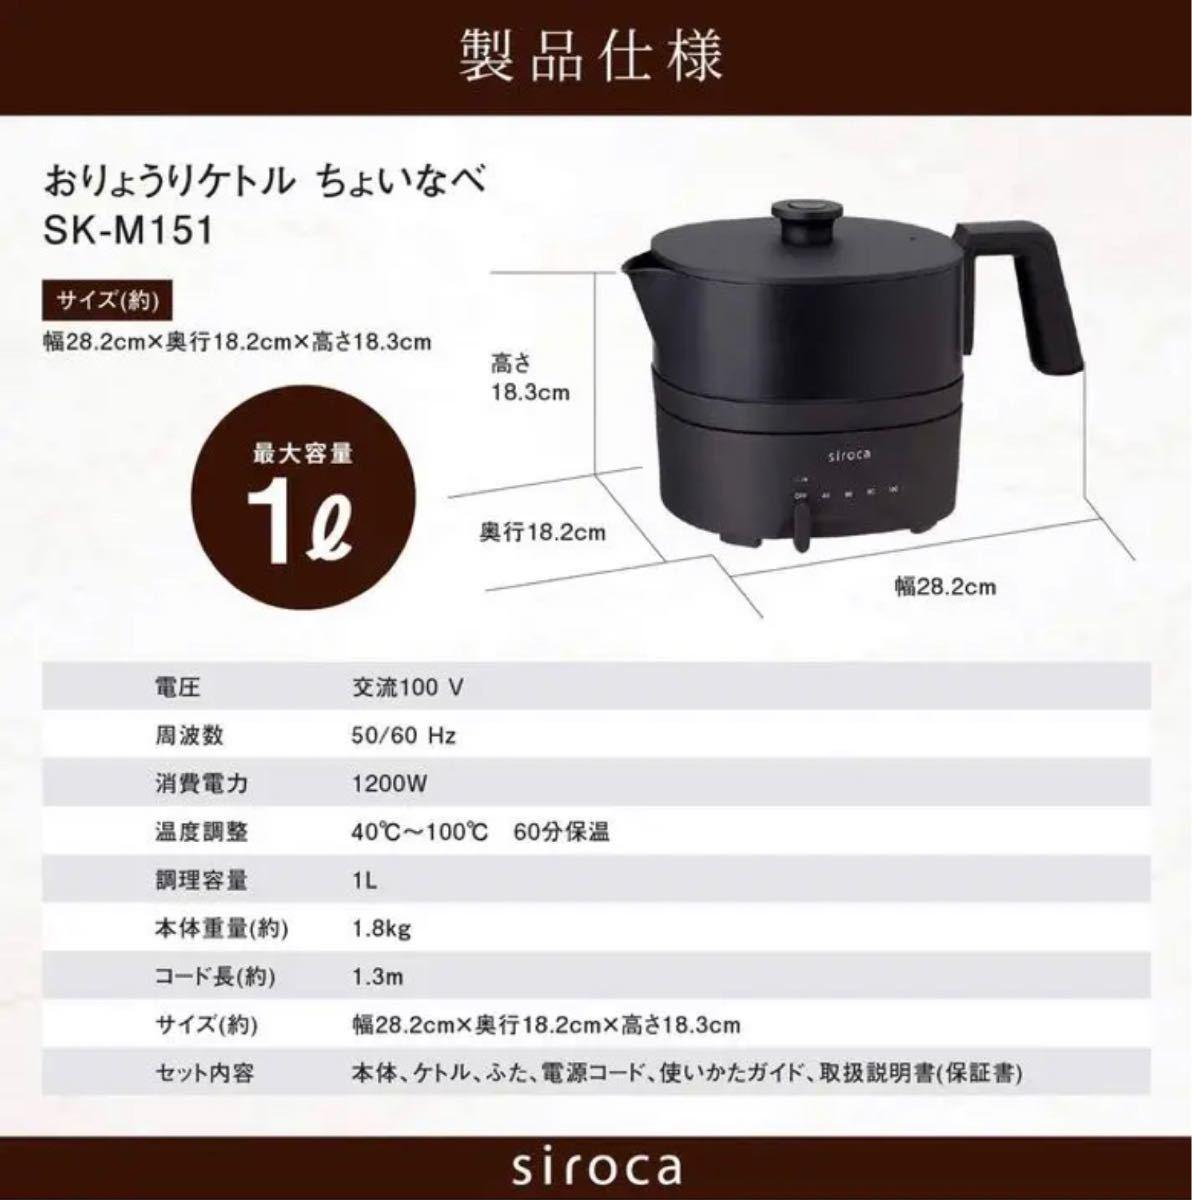 シロカ siroca おりょうりケトル ちょいなべ SK-M151 ブラック